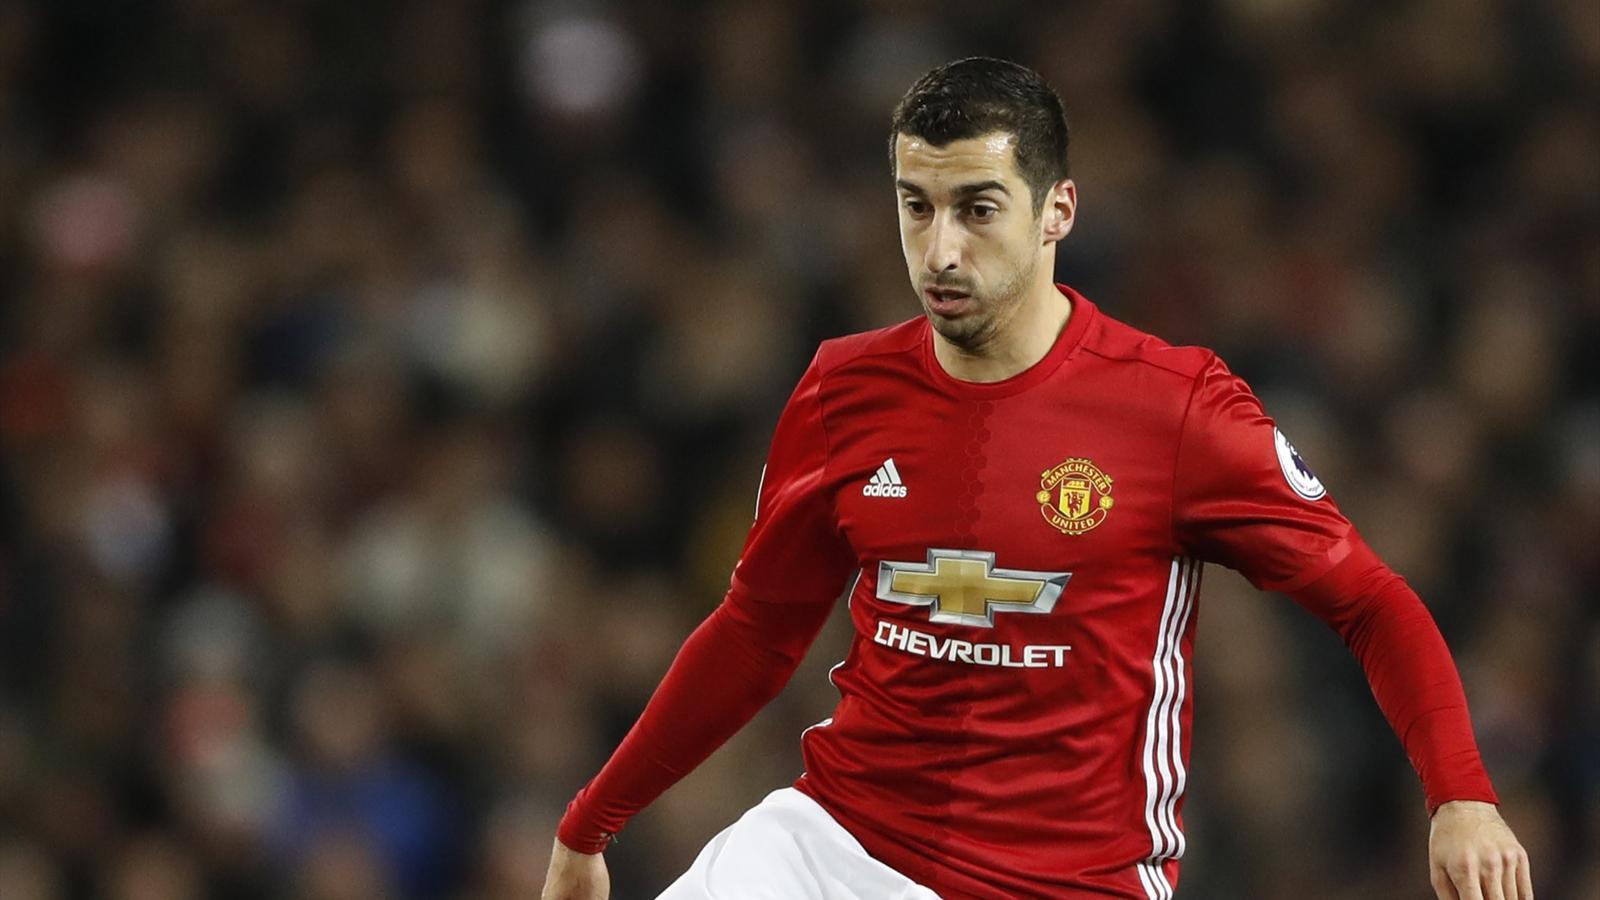 Henrikh Mkhitaryan, Luke Shaw start for Manchester United, Bastian Schweinsteiger on bench again